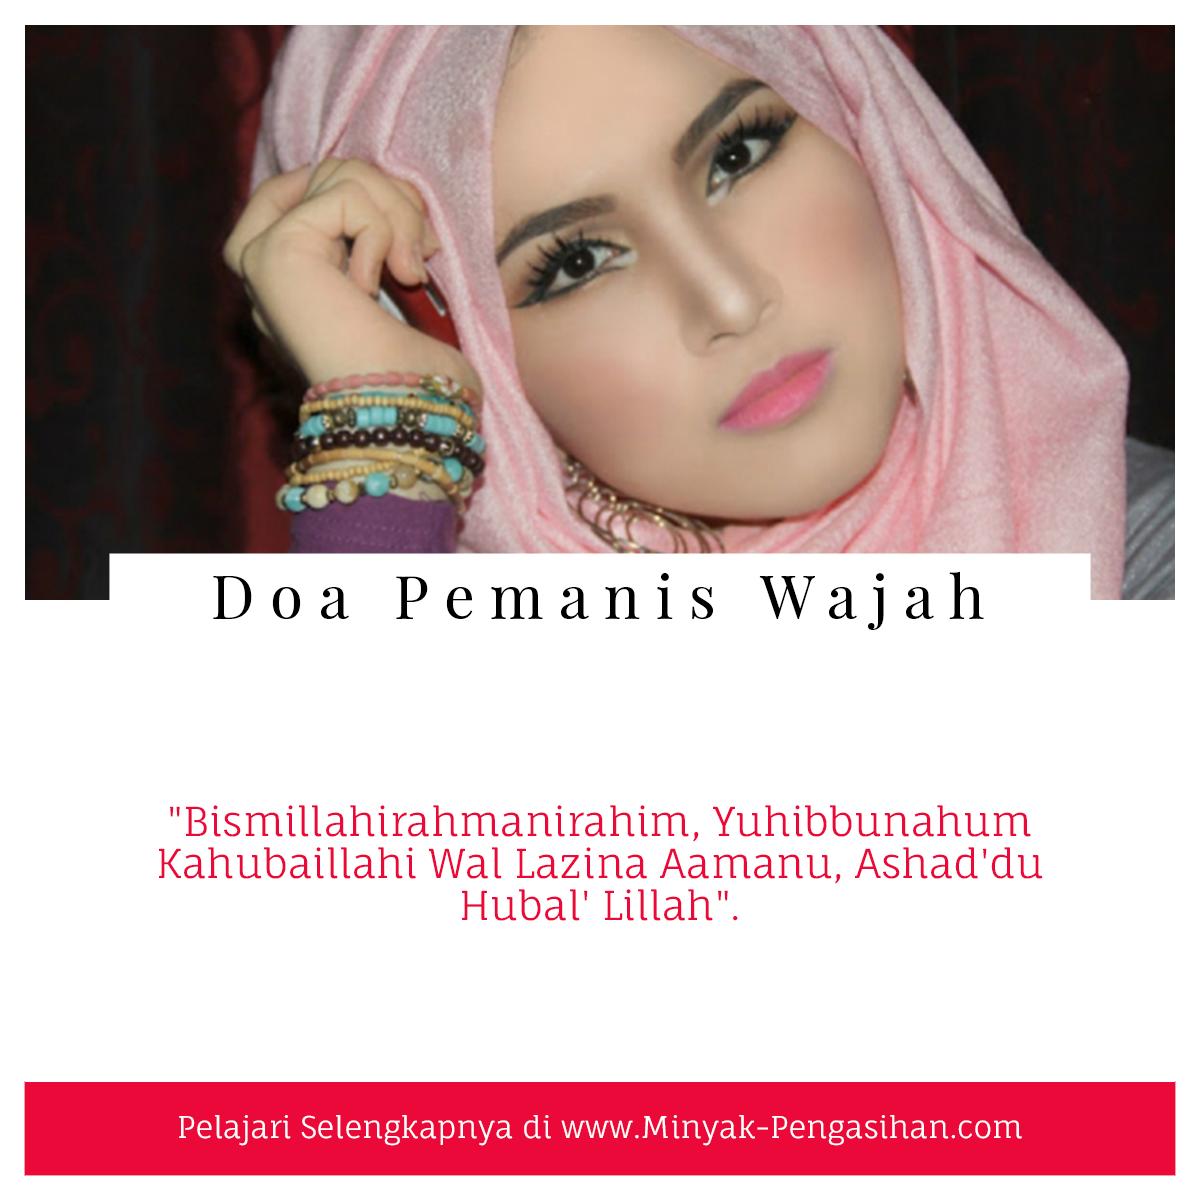 Ilmu Pemanis Wajah Paling Ampuh Disertai Dengan Doa Pemanis Wajah Buka Aura Kecantikan Wajah Kekuatan Doa Kutipan Quran